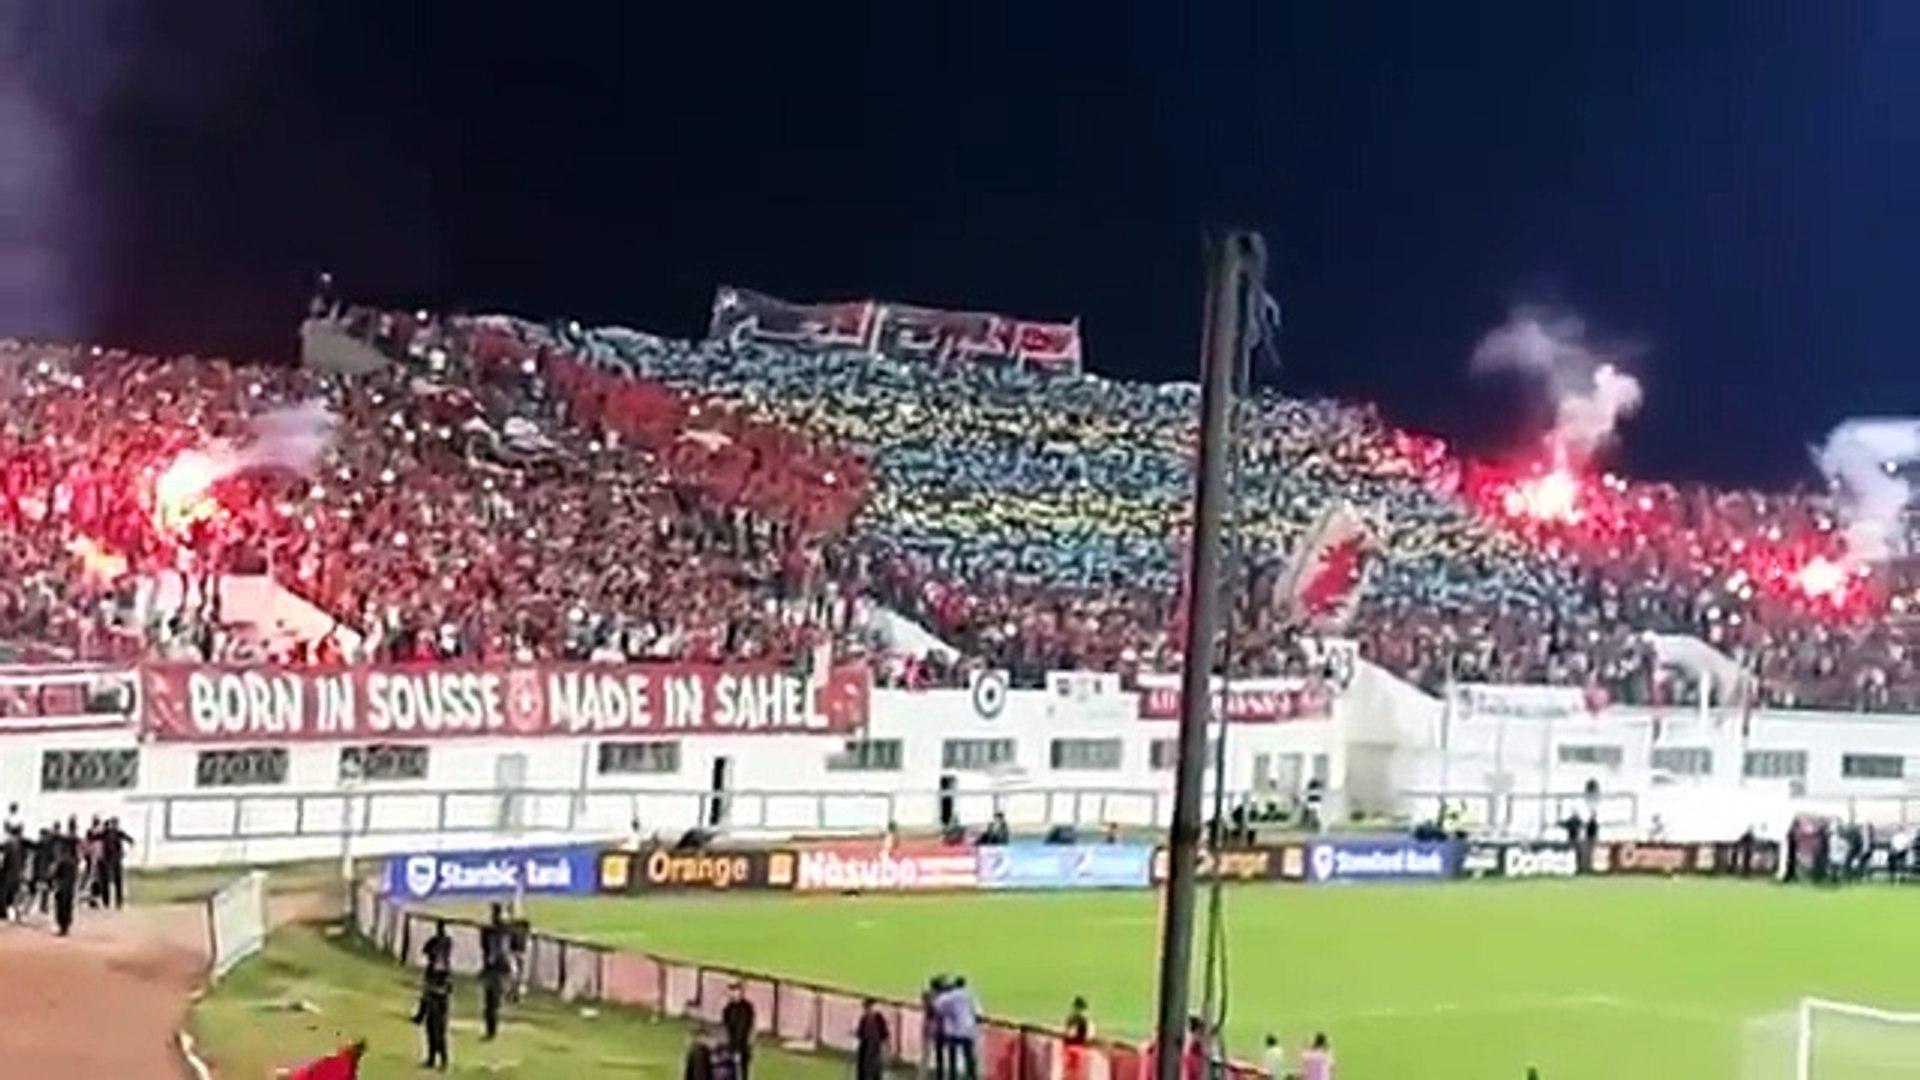 دخلة النجم ضد الزمالك و أجواء رهيبة بملعب سوسة Da5la Ess Vs Zamalek 5 1 Virage Brigade